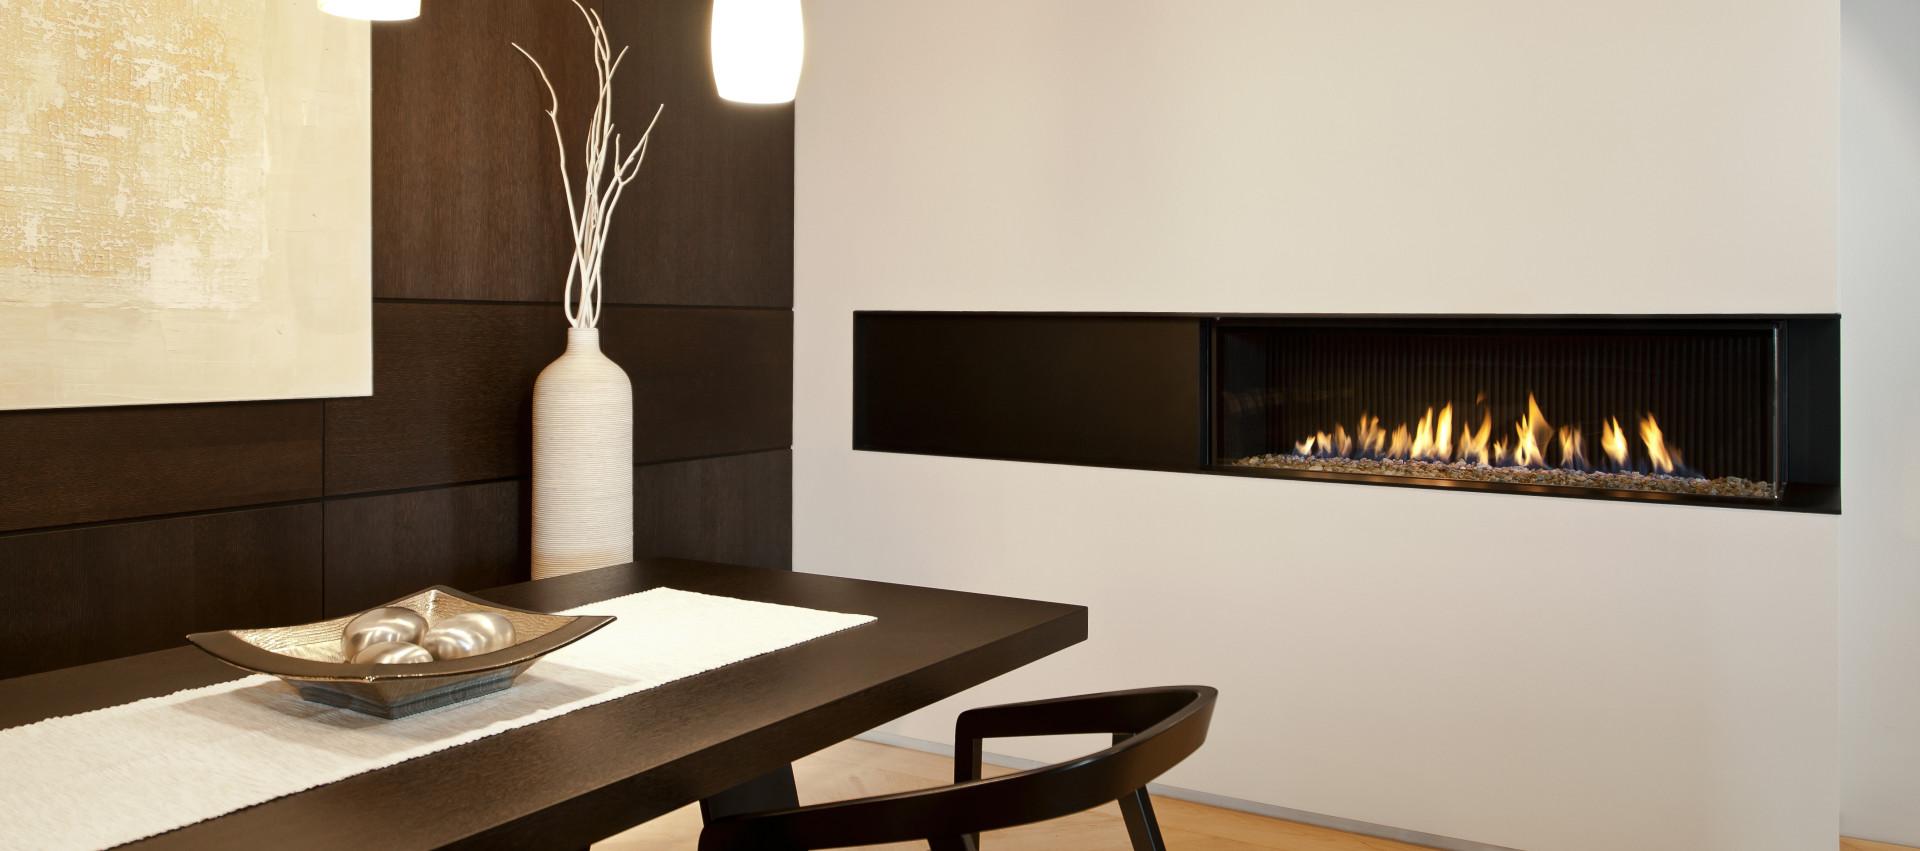 kaminbauer mnchen cool kaminbauer mnchen with kaminbauer. Black Bedroom Furniture Sets. Home Design Ideas